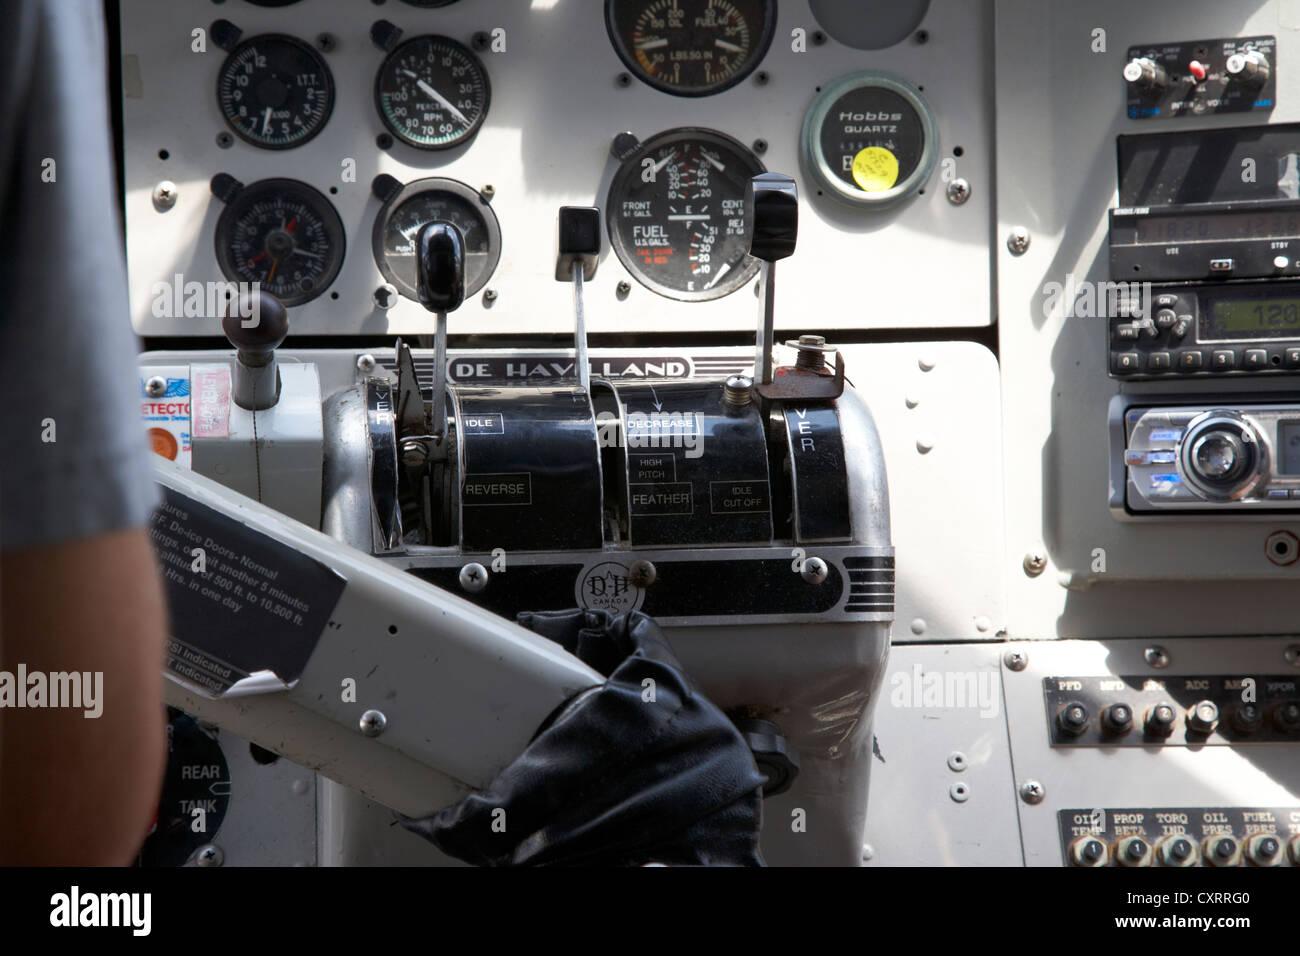 Comandi del motore e di strumenti interni di dehaviland DHC-3 otter idrovolante da key west Florida keys usa Immagini Stock